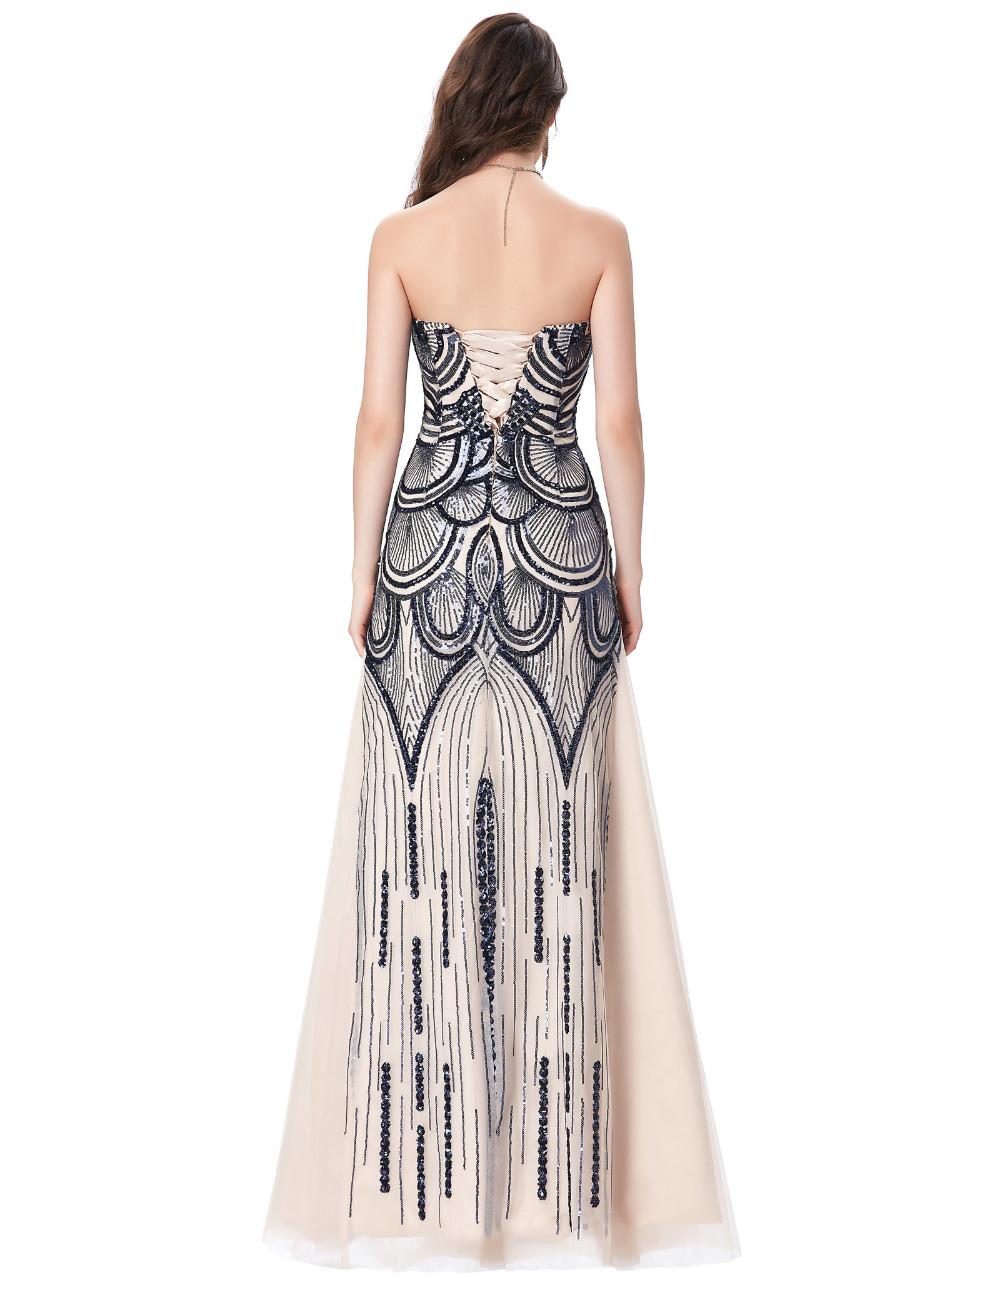 HTB1EZgdKFXXXXcvXXXXq6xXFXXXWStrapless Special Occasion Dress